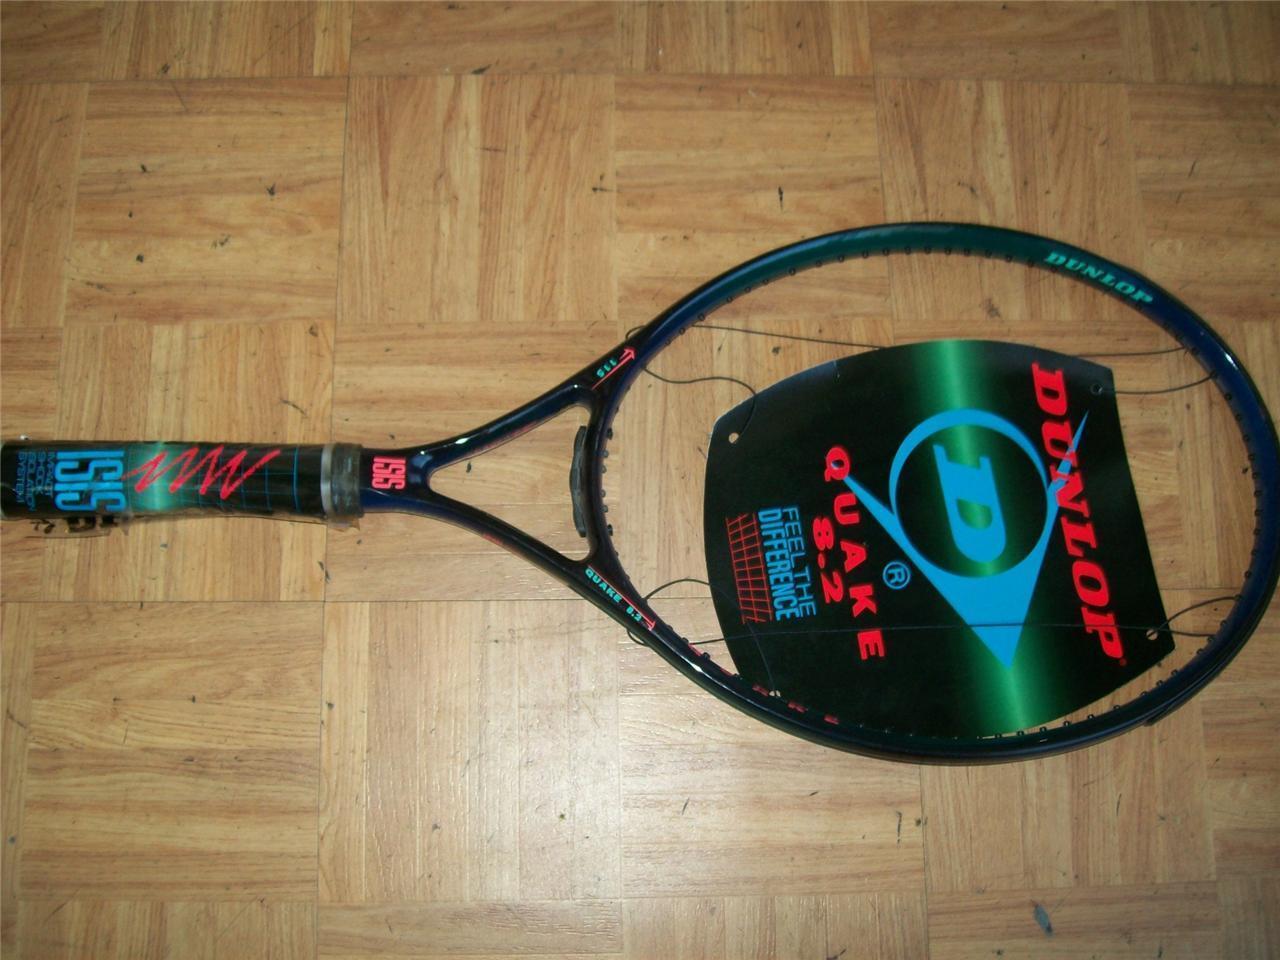 NEW Dunlop Quaker 8.2 Oversize 4 3 8 grip Tennis Racquet